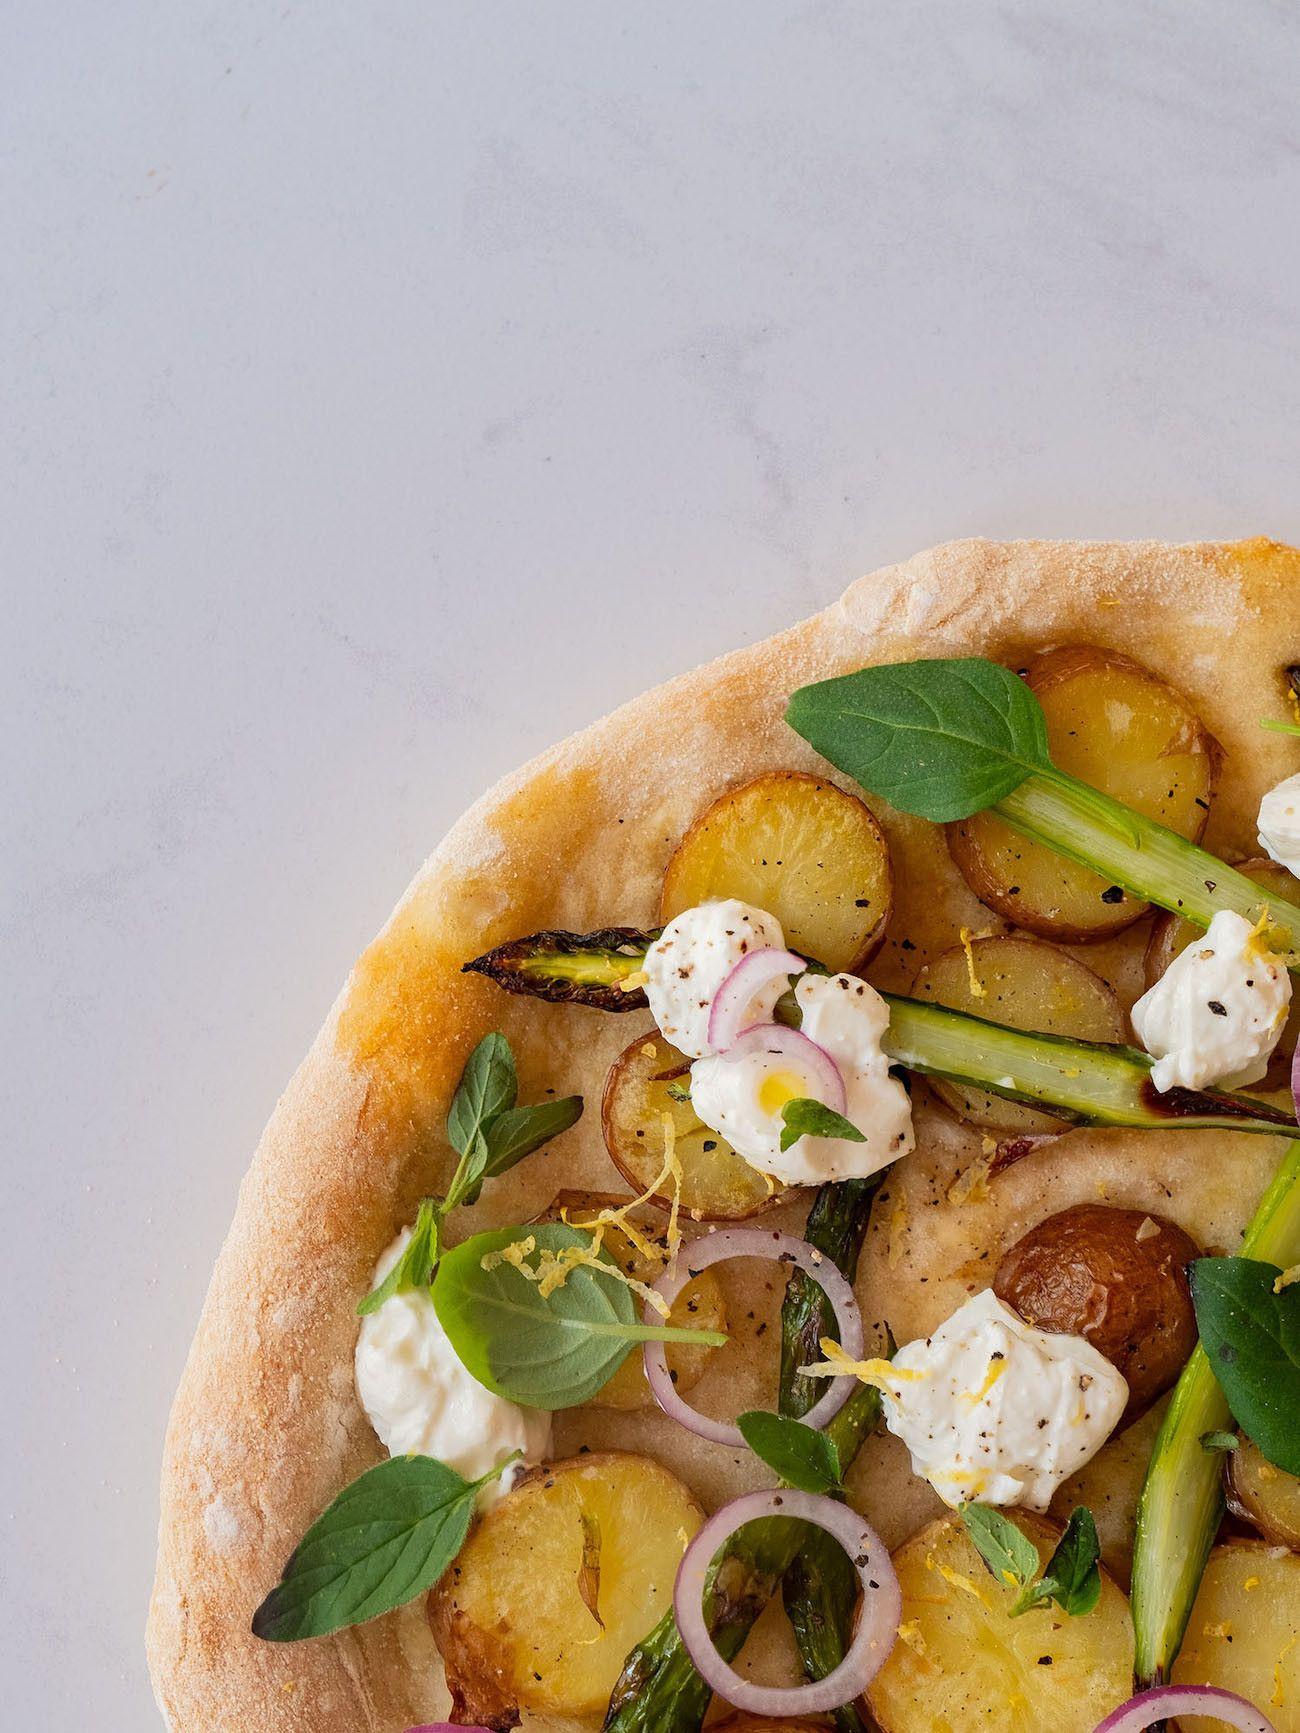 Foodblog About Fuel, Rezept Frühlingspizza mit grünerm Spargel, Frühkartoffeln und Ricotta, Pfeffer